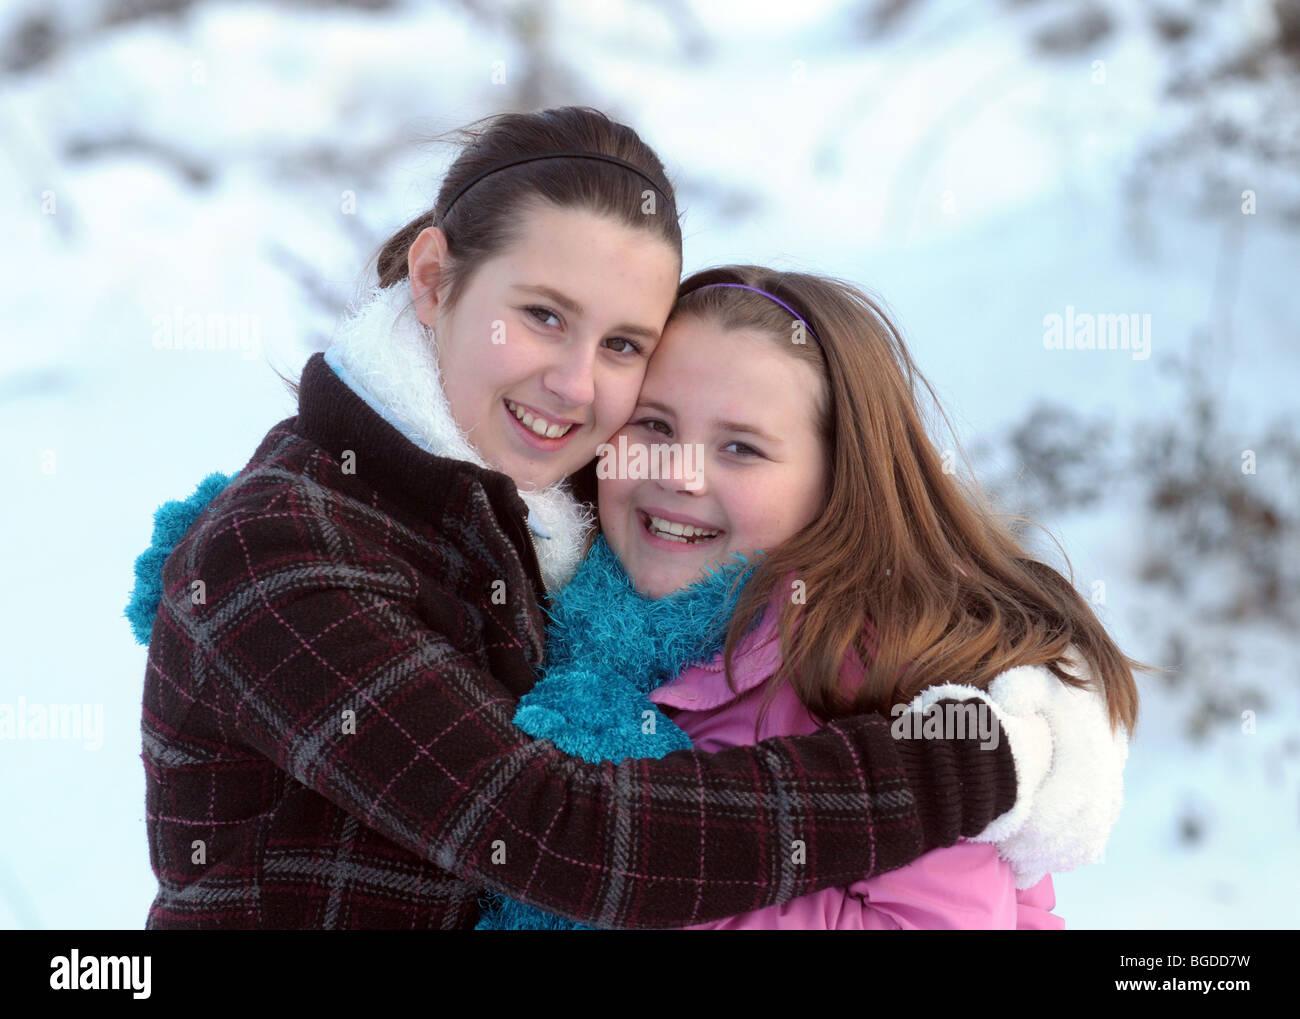 Schwestern glücklich umarmen sich bei kaltem Wetter Stockbild